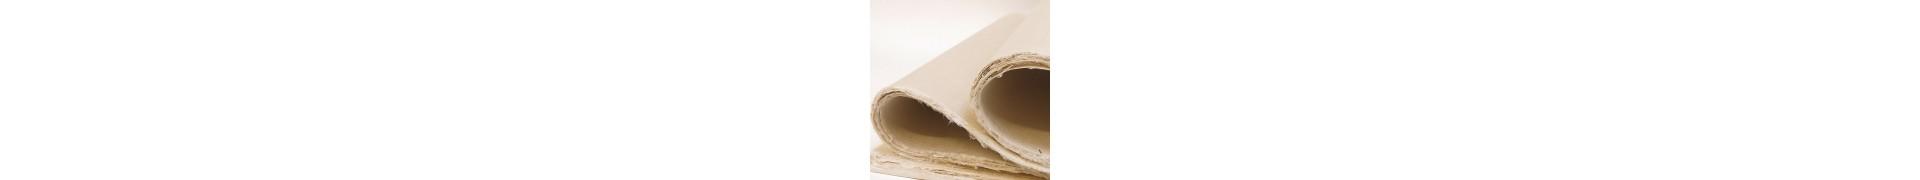 Papier du monde KHADI Indien JM4 MITSUMATA - 60g - 54 x 80 cm - Doux